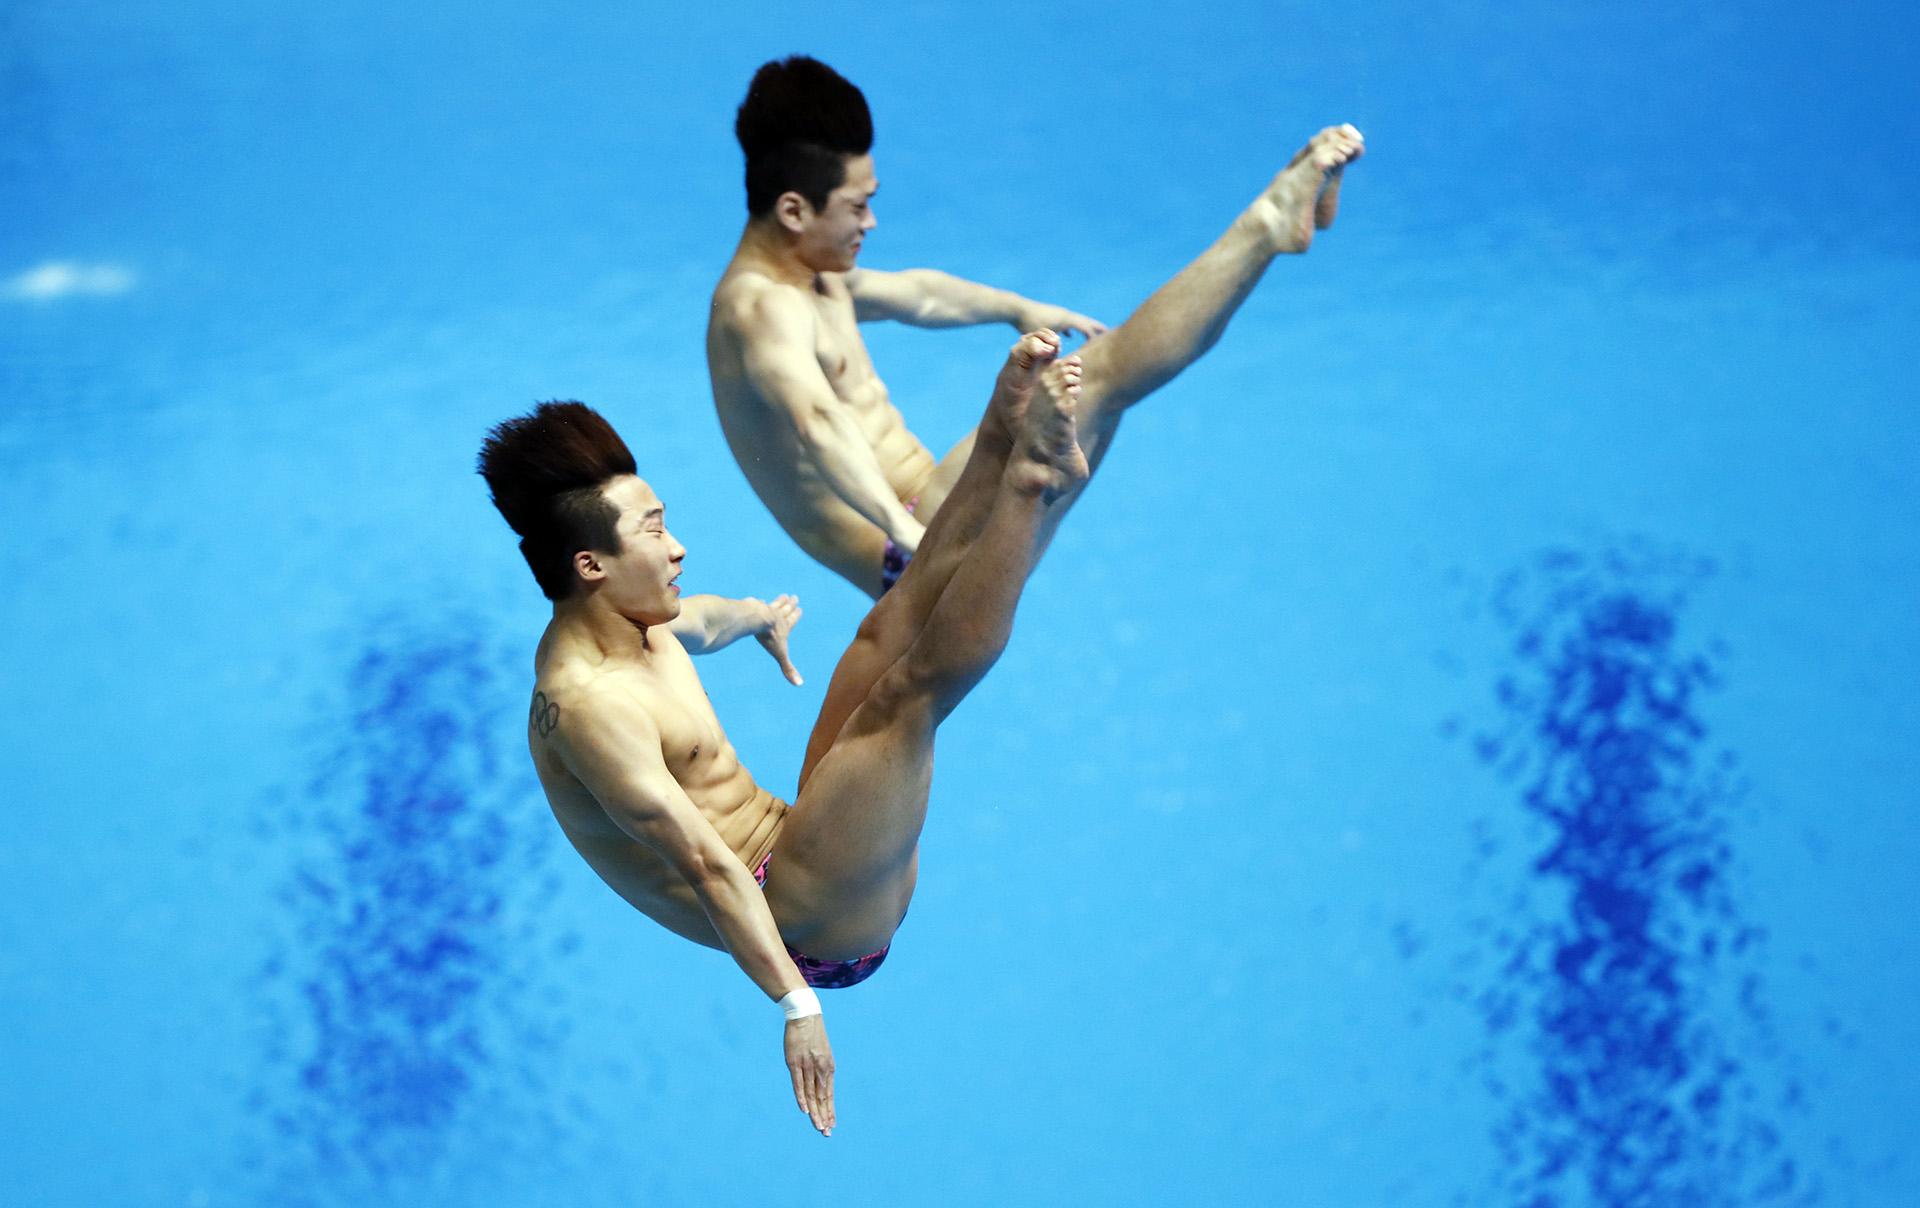 Los surcoreanos Woo Ha-ram y Kim Yeong-nam Kim durante la prueba de trampolín de 3 metros